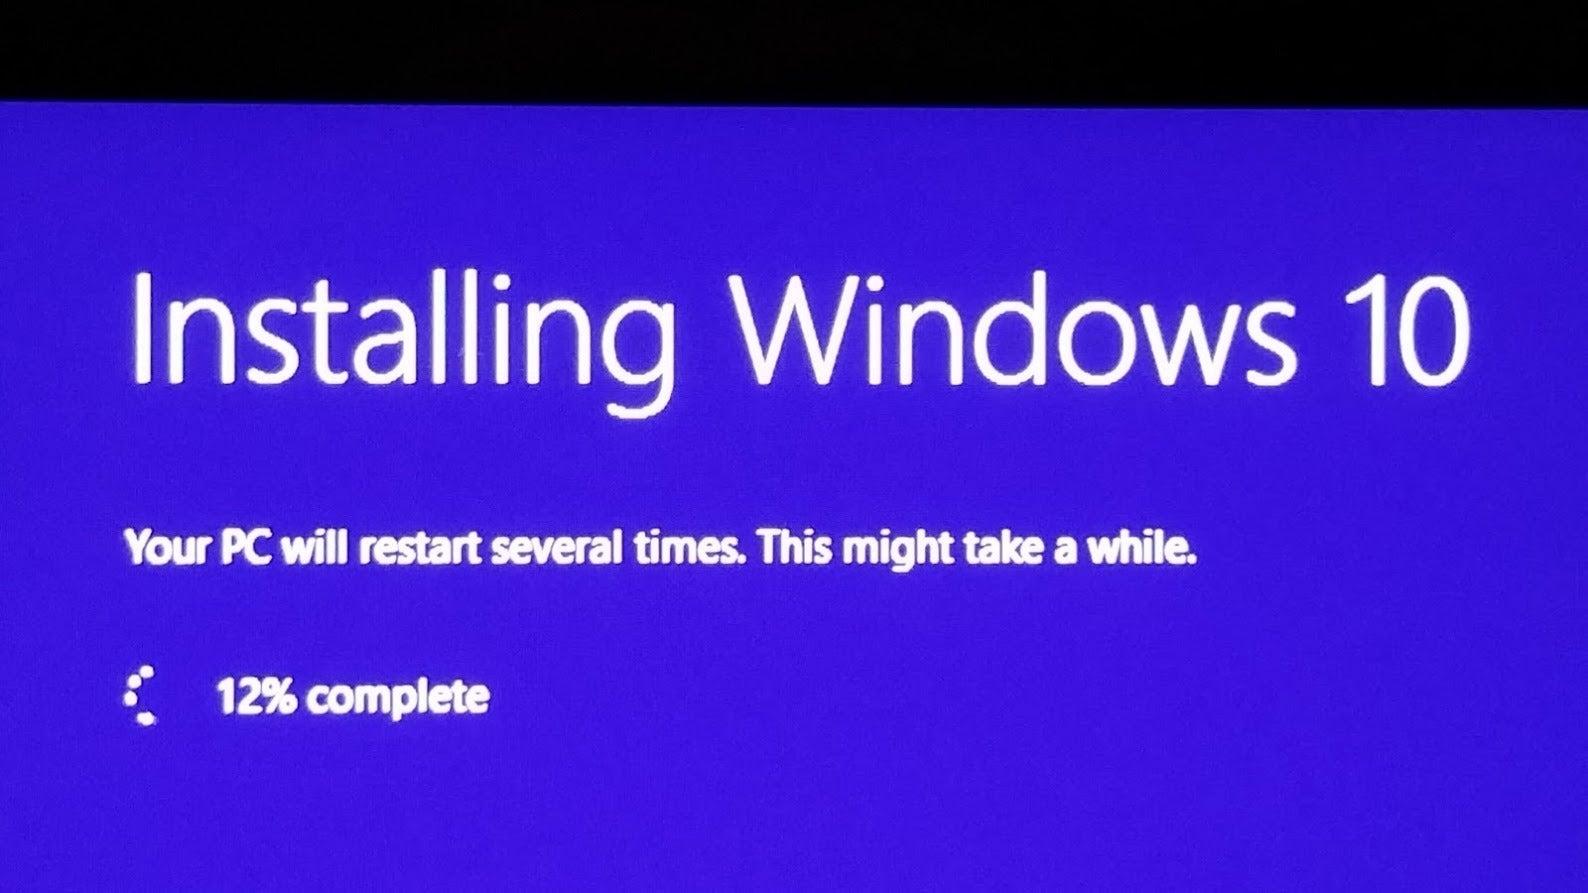 windows 10 version number installation download